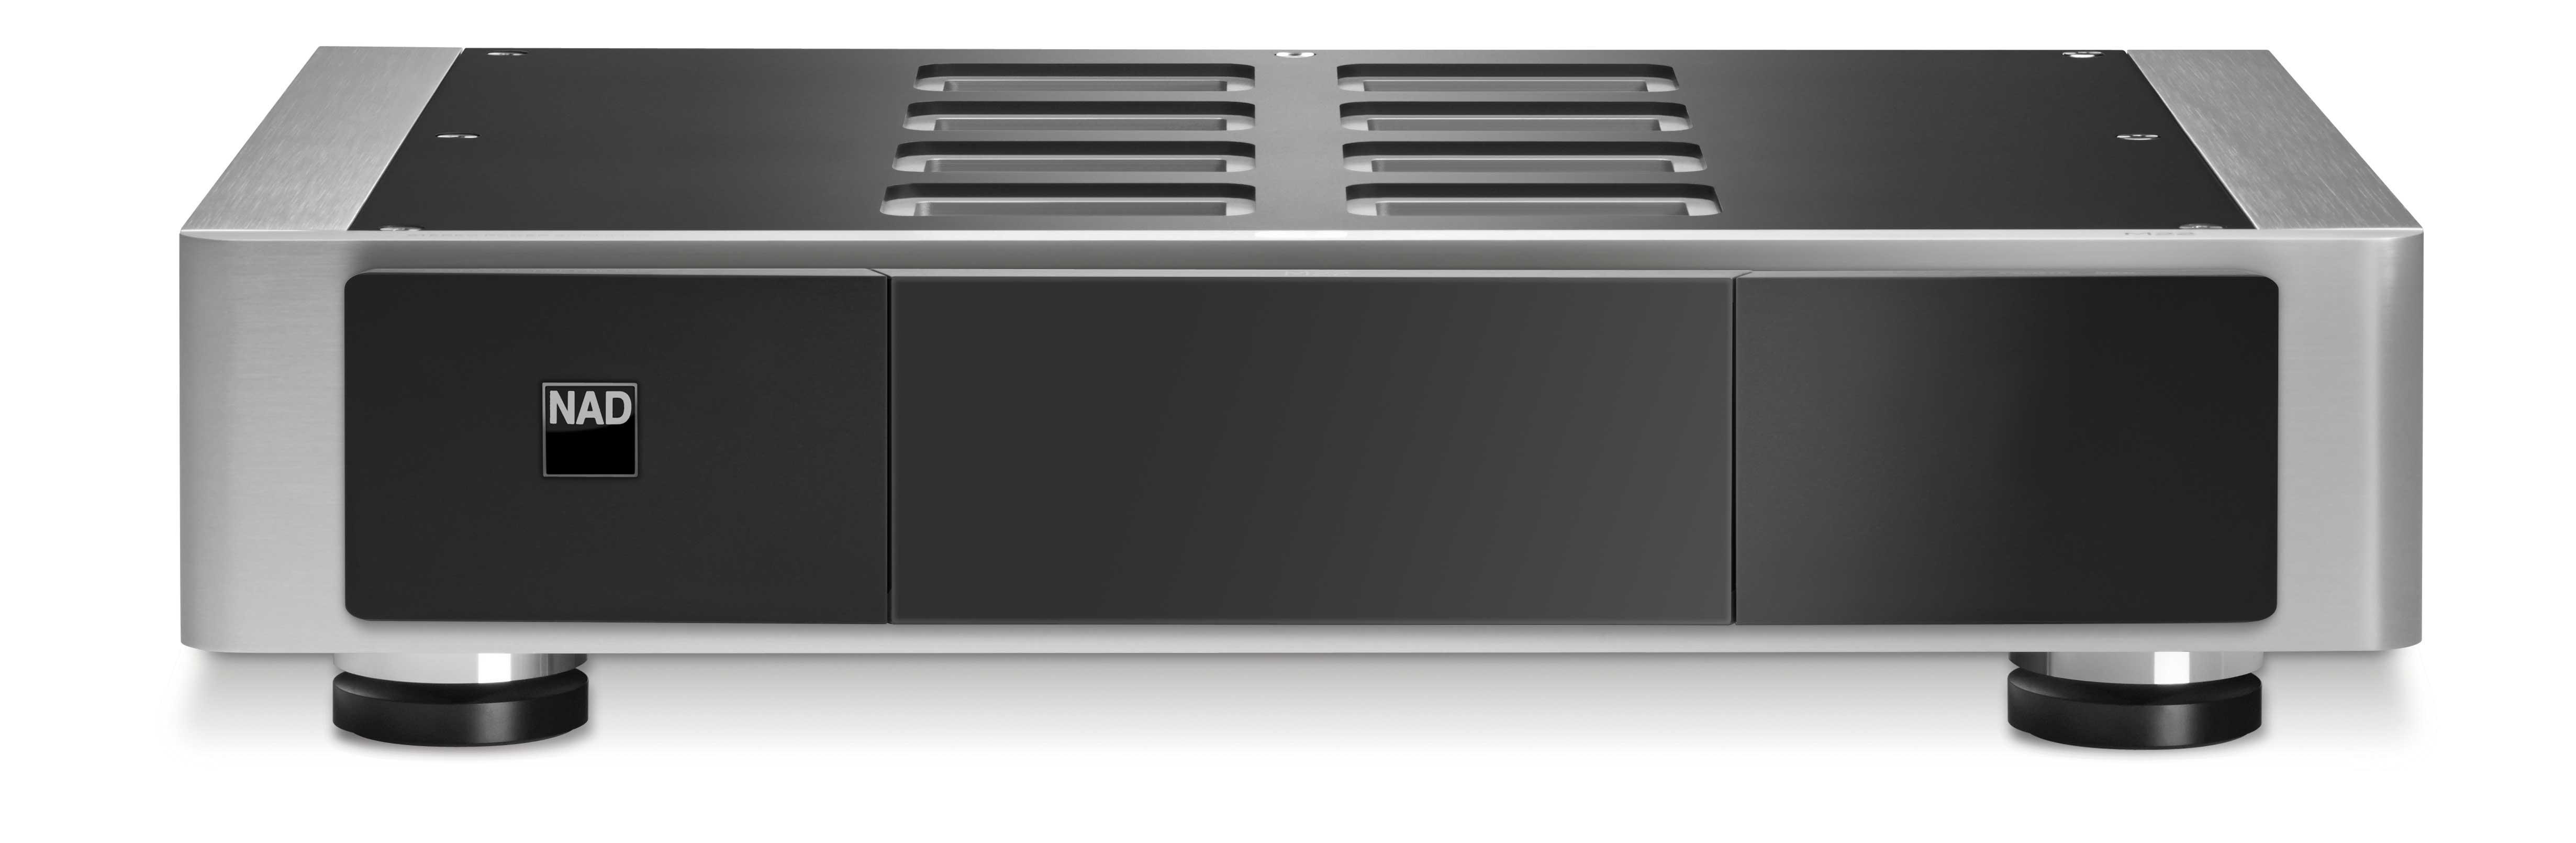 NAD M22 V2 stereo päätevahvistin